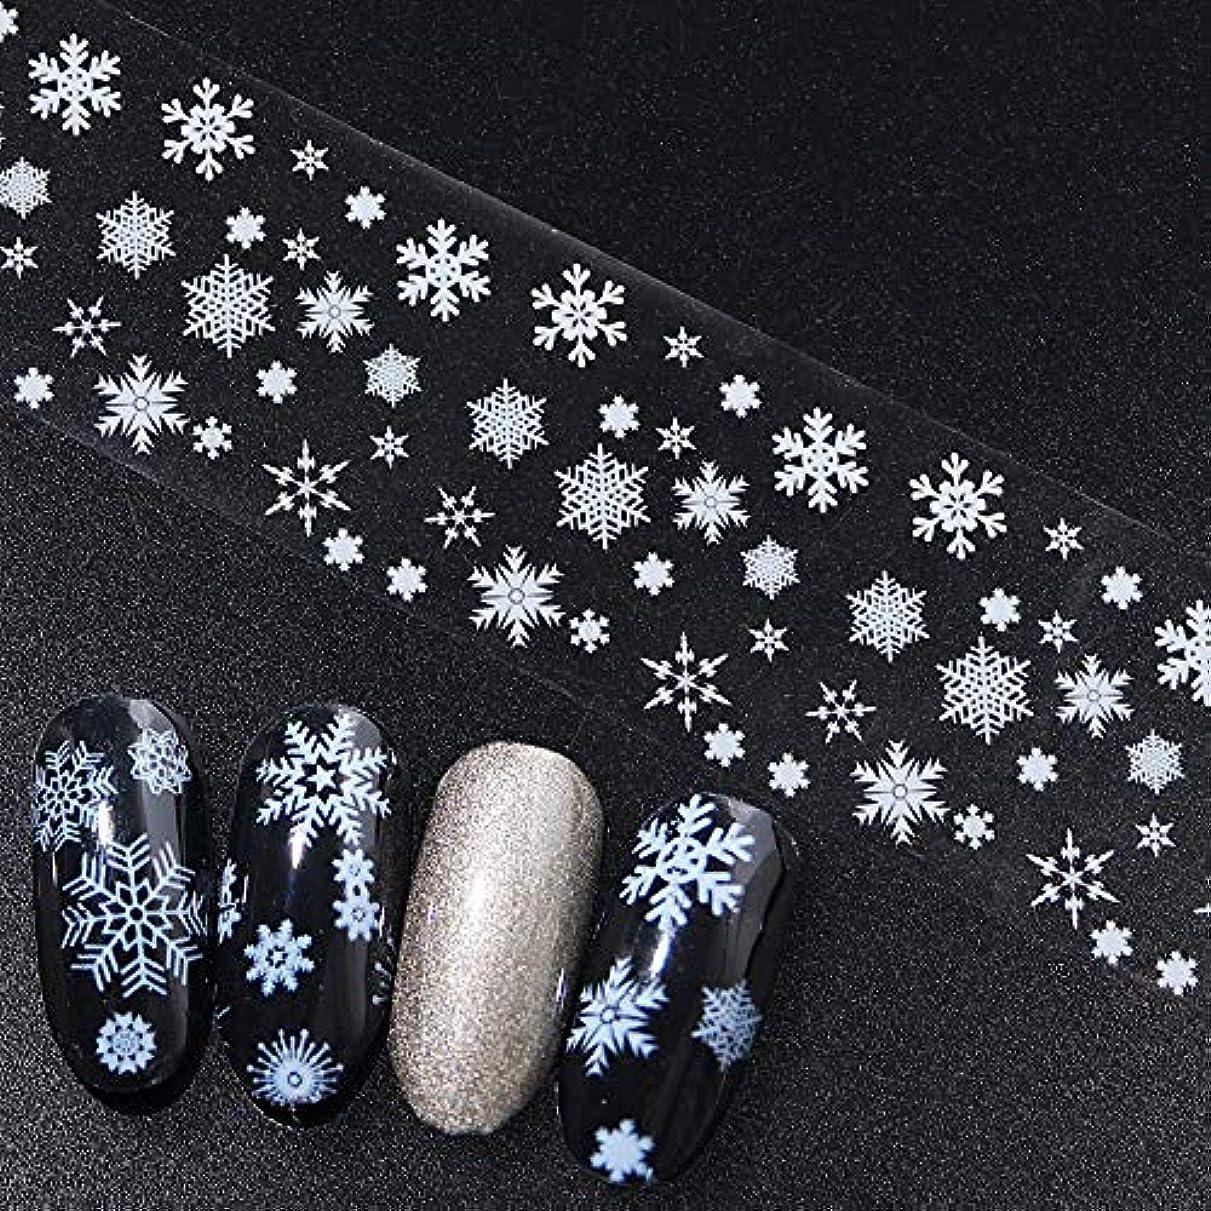 消化器フォロー壁紙SUKTI&XIAO ネイルステッカー 4個ネイルアート転写箔星空ステッカー白い雪片ラップ3D接着剤のヒントマニキュアスライダーインテリアデカール